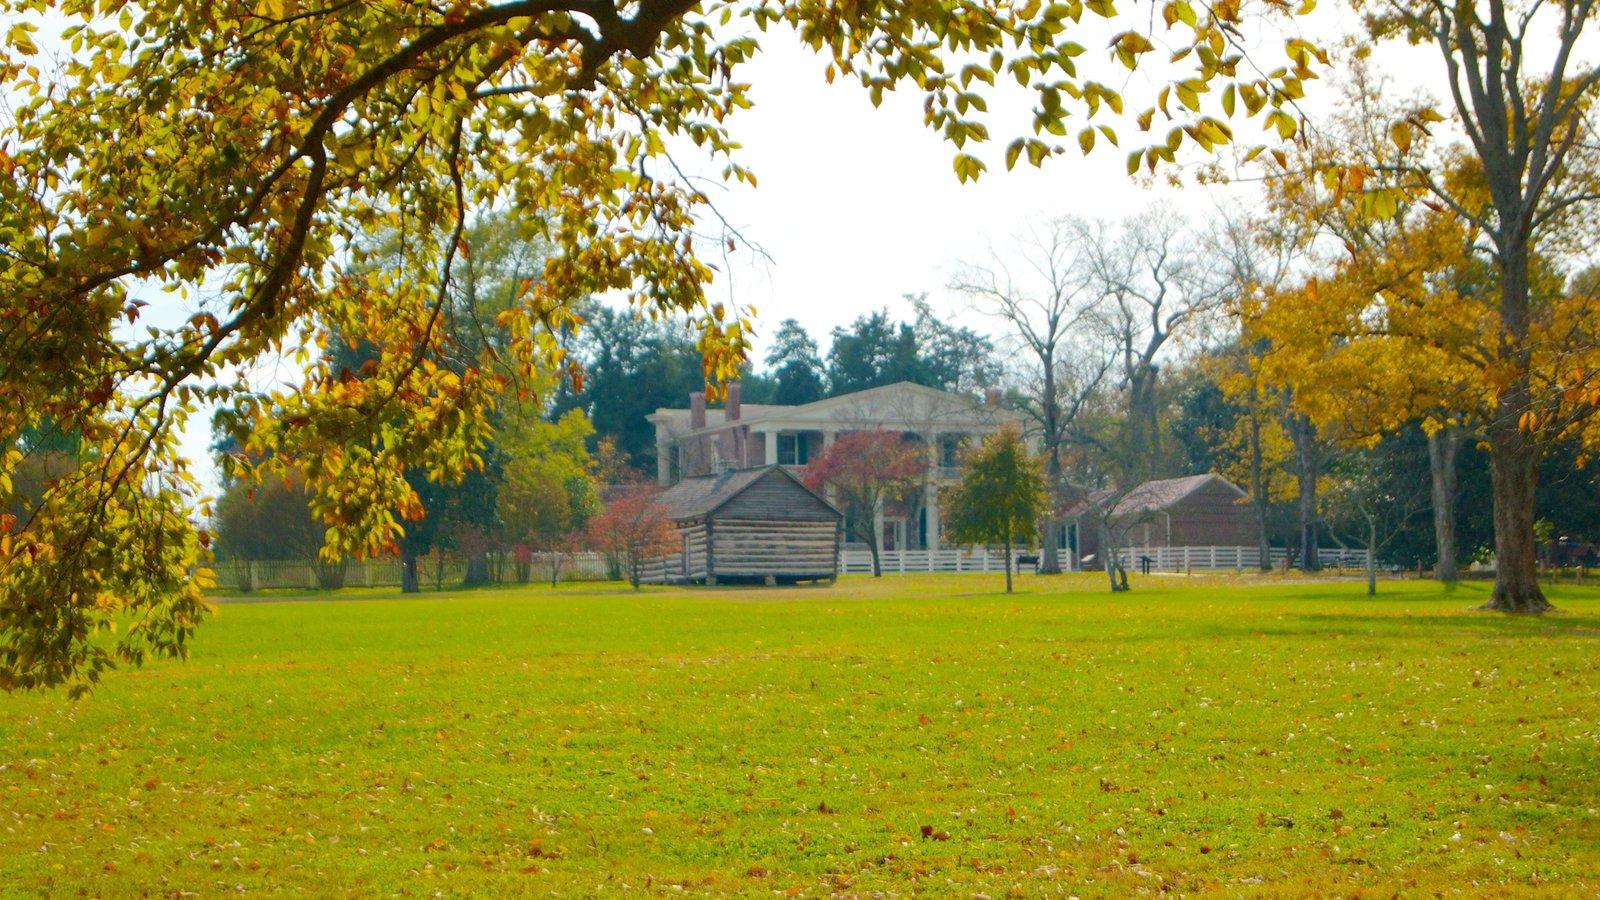 The Hermitage ofreciendo una casa, un jardín y hojas de otoño